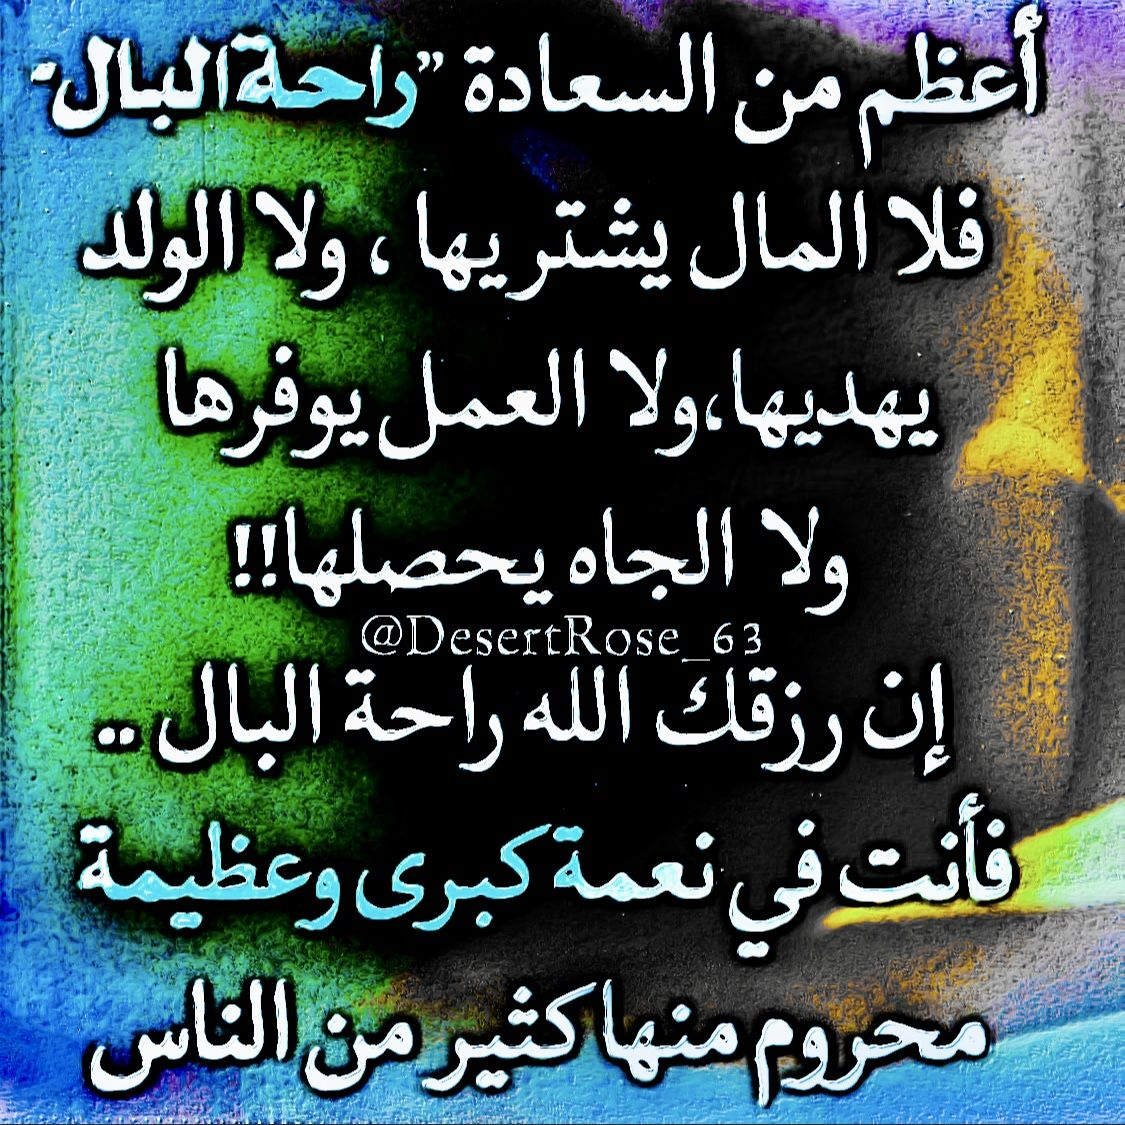 الل ه م ارزقنا راحة البال Black Background Images Background Images Black Backgrounds